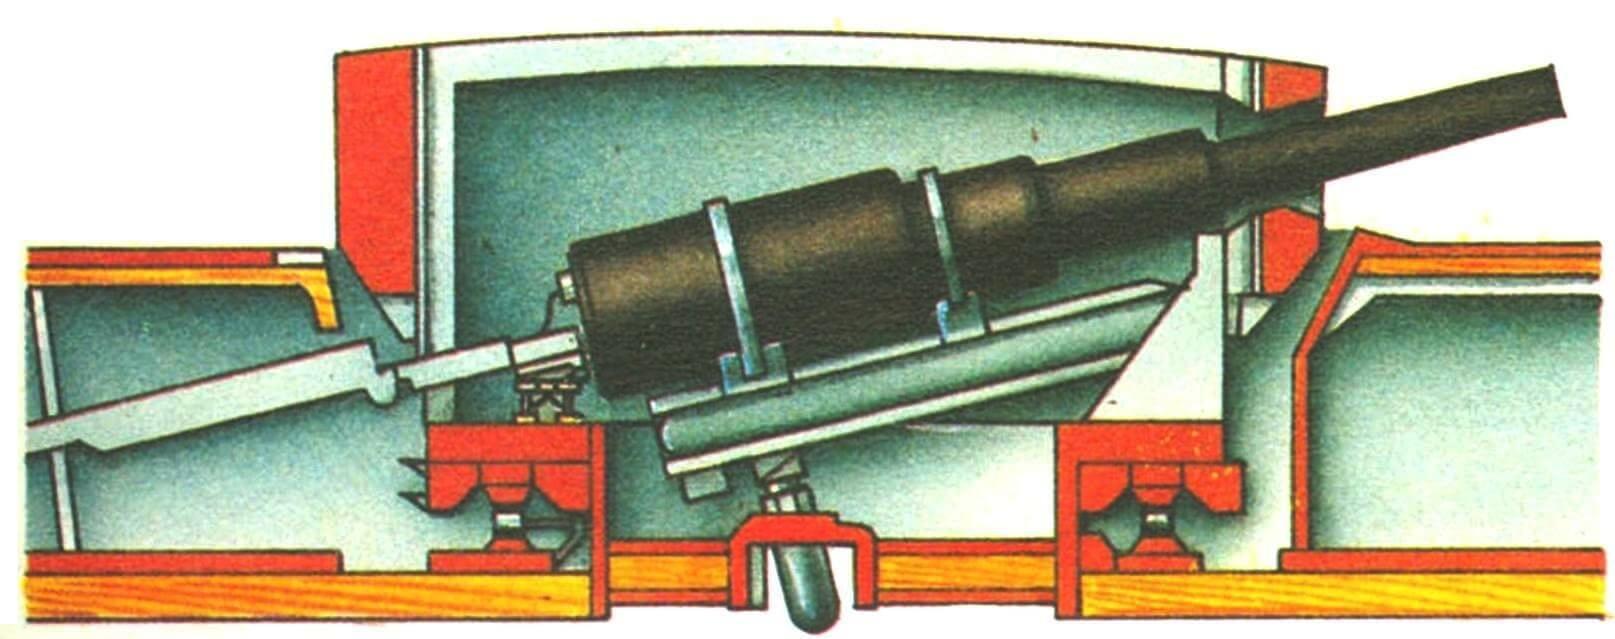 Казнозарядная башенная установка броненосца «Колоссус» (Англия, 1886 г.).